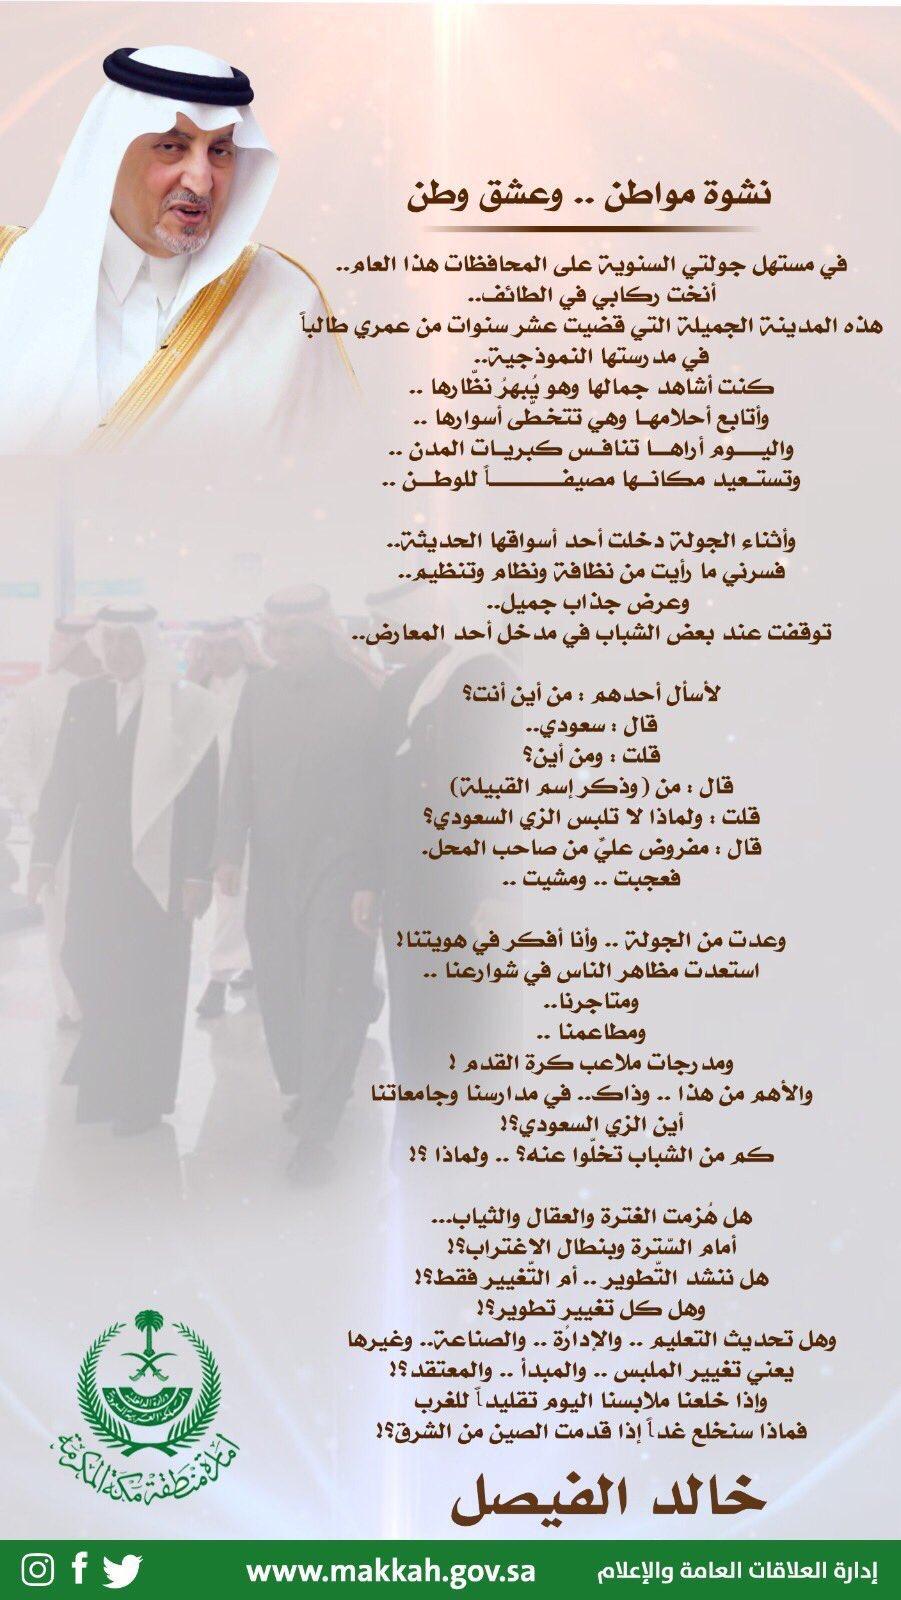 34e7dc946 أخبار السعودية a Twitteren: